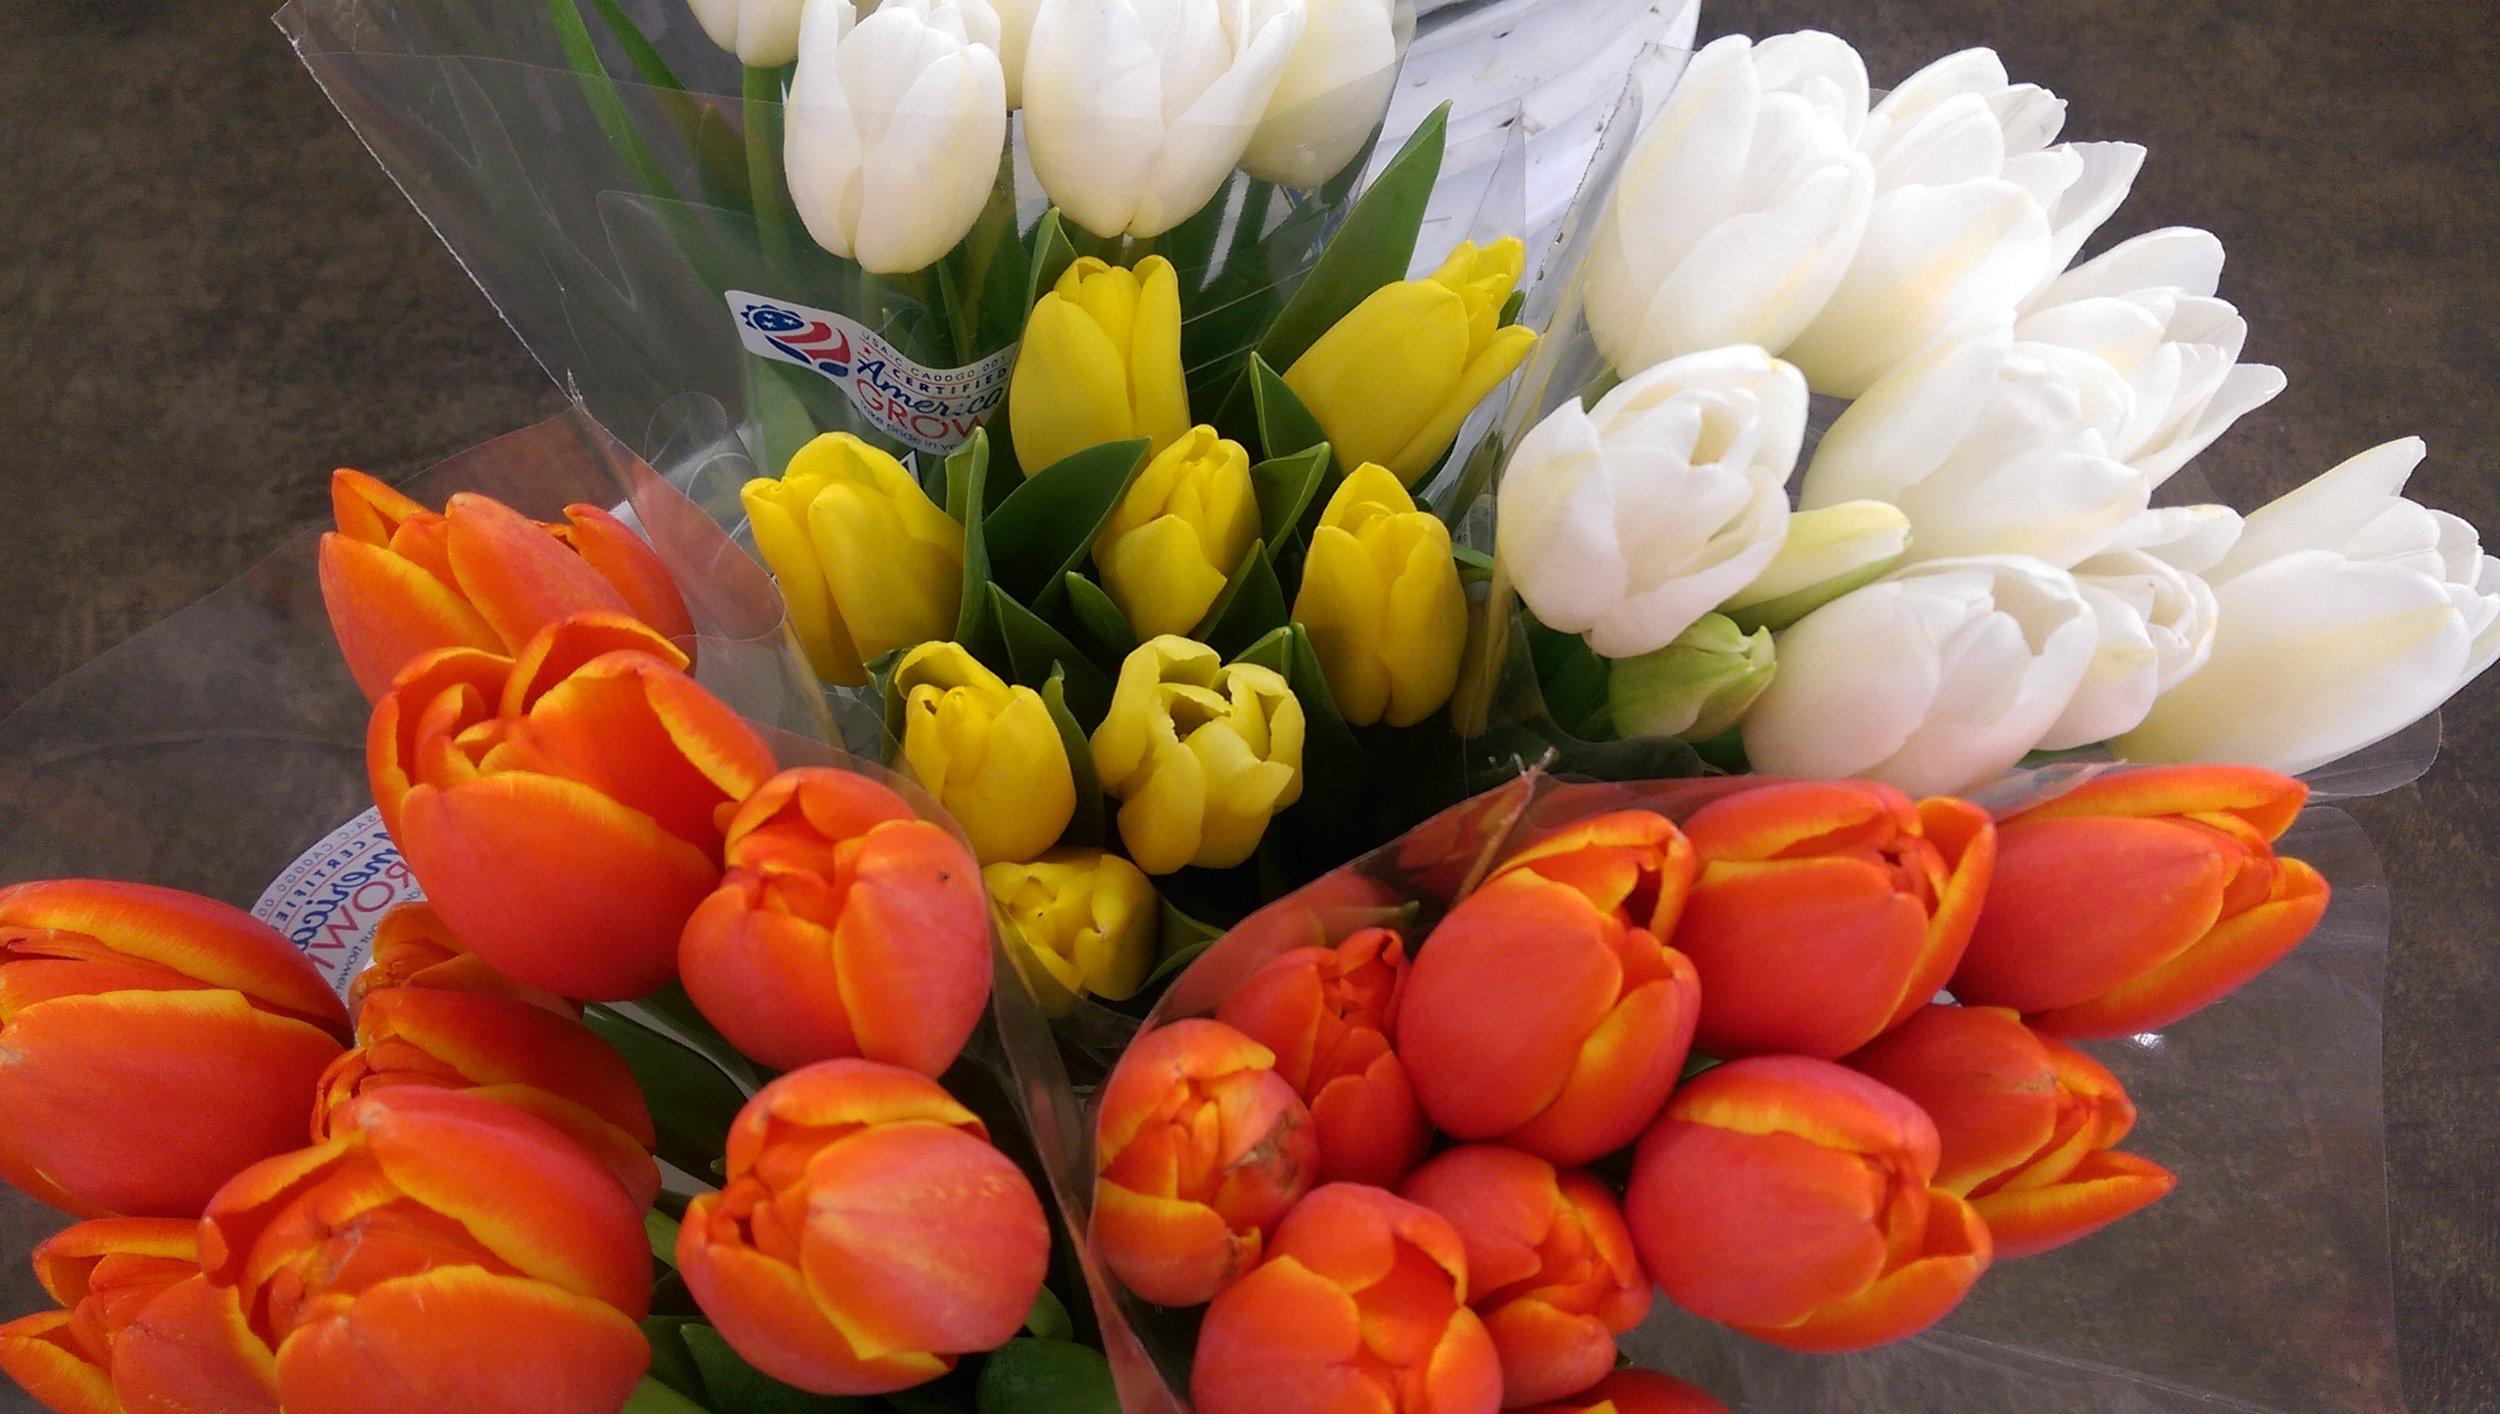 Tulips  Year round